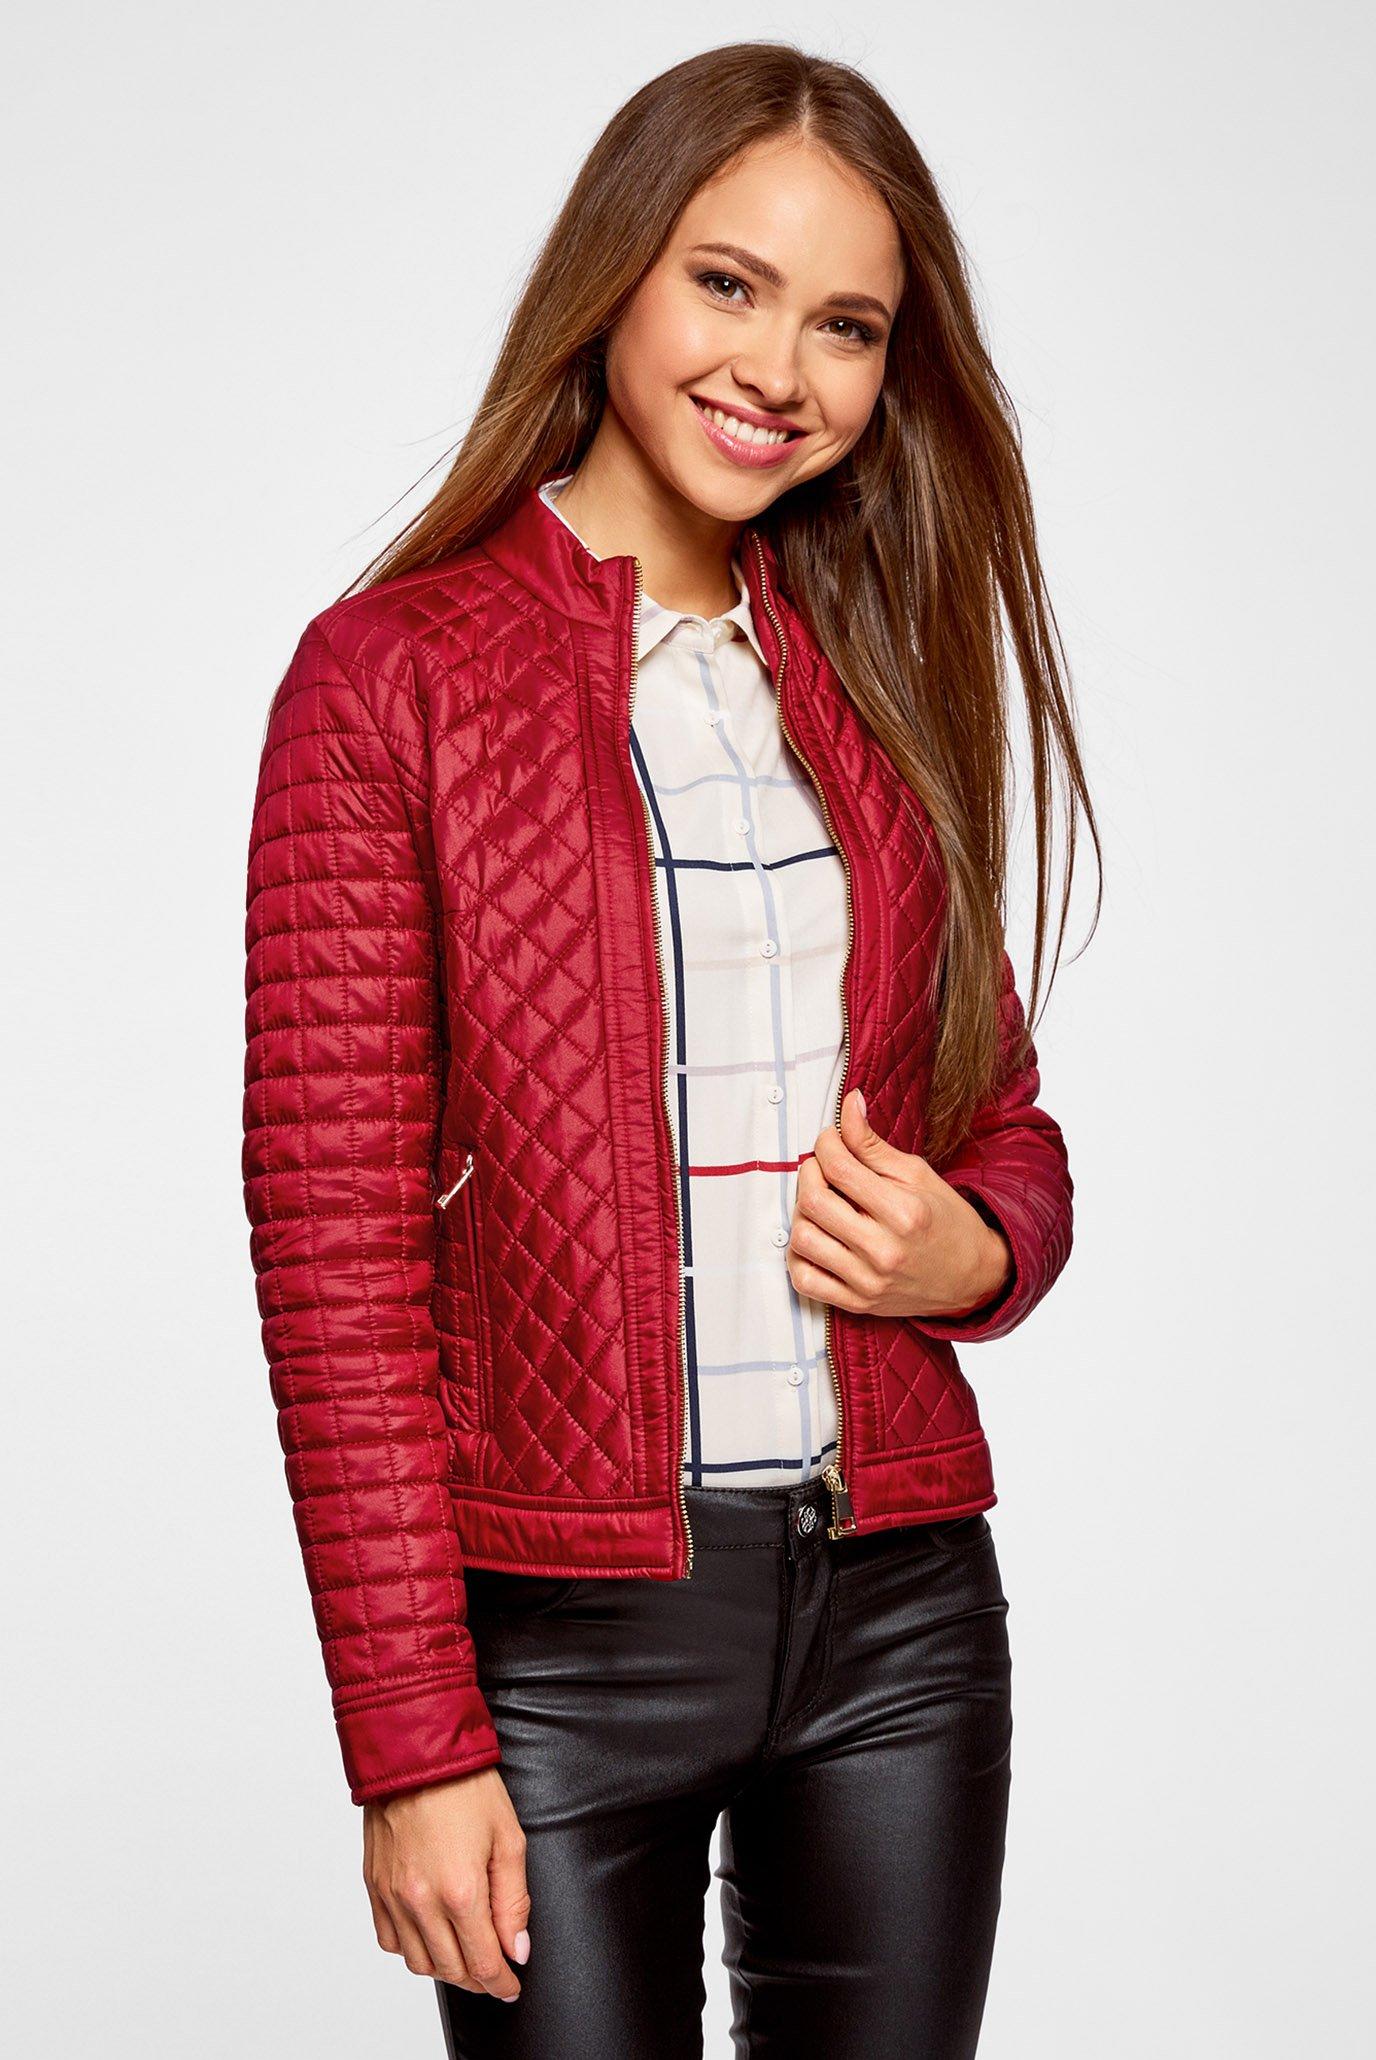 258e34ad6da Купить Женская красная стеганая куртка exclusive Oodji Oodji  28304005 45684 4500N – Киев